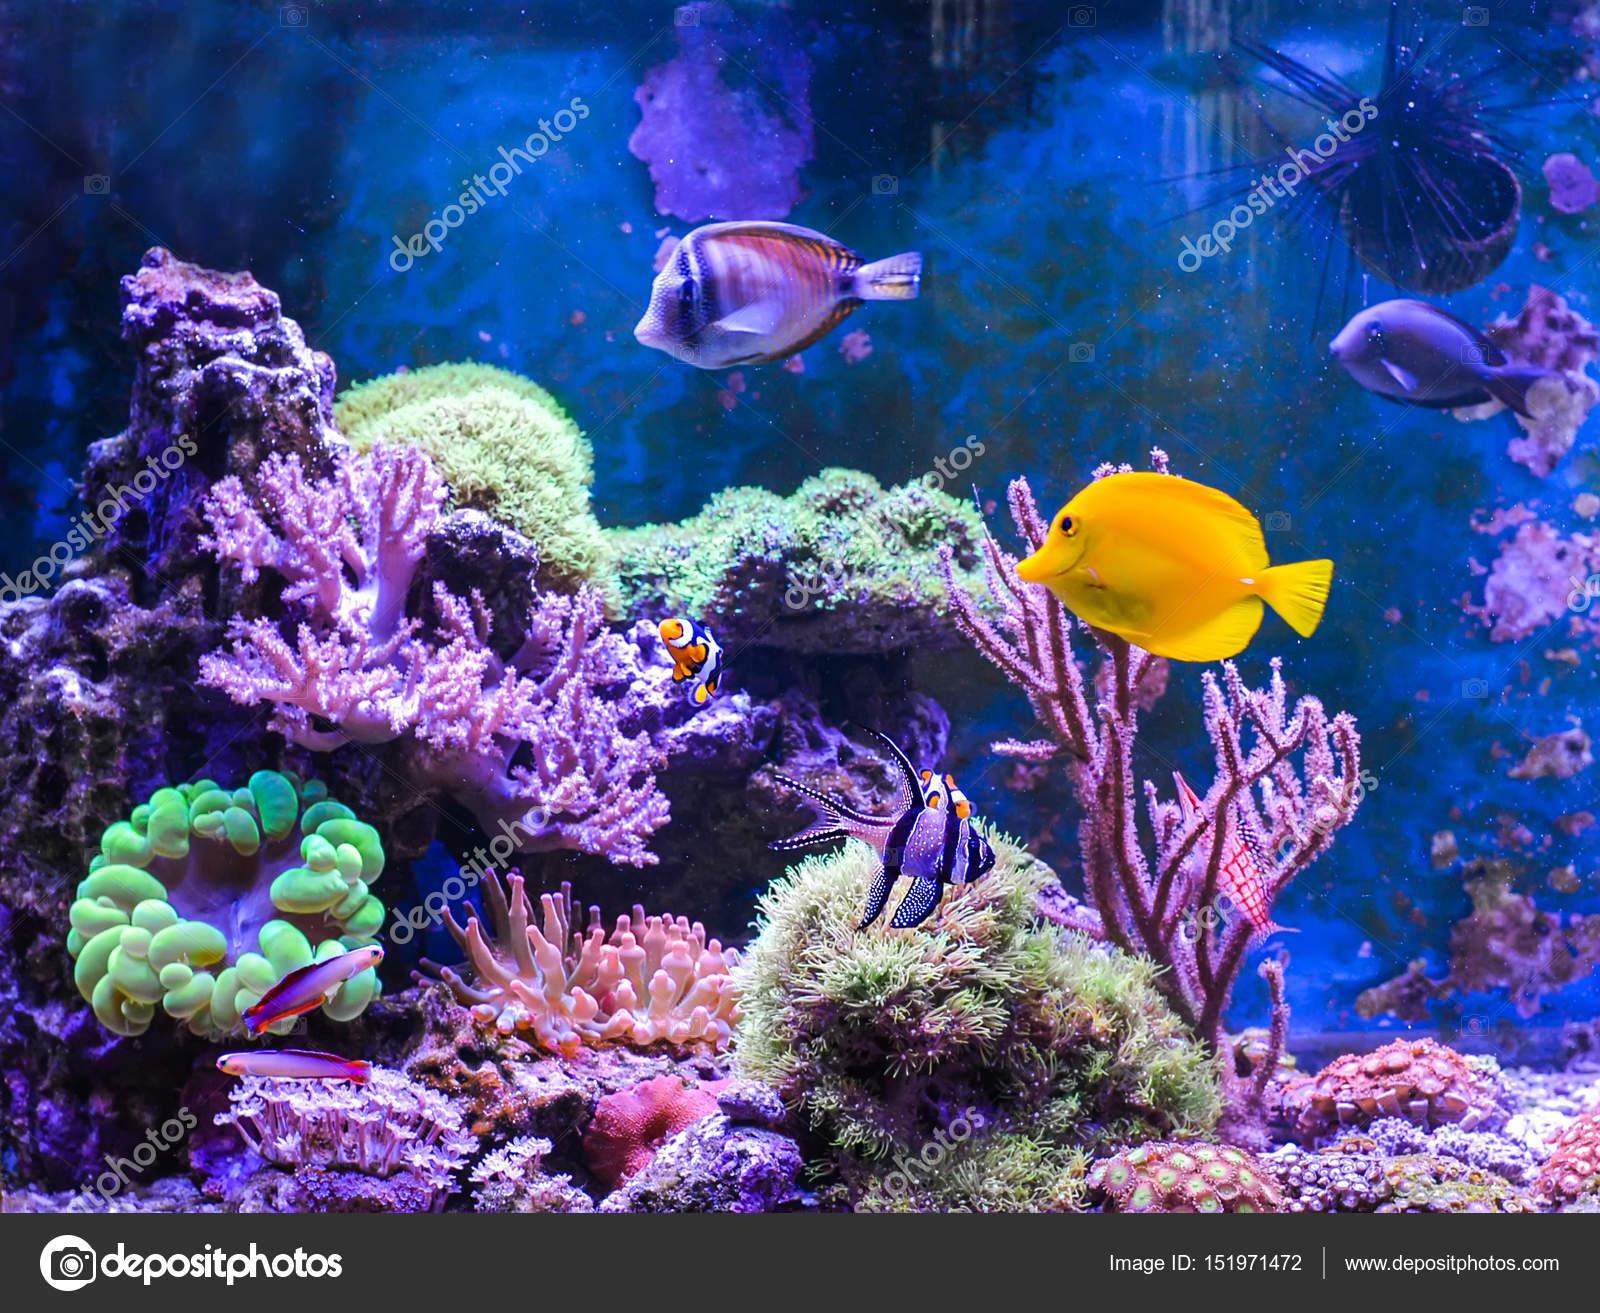 saltwater aquarium galleries for reef aquariums decor large custom decoration tanks design coral living